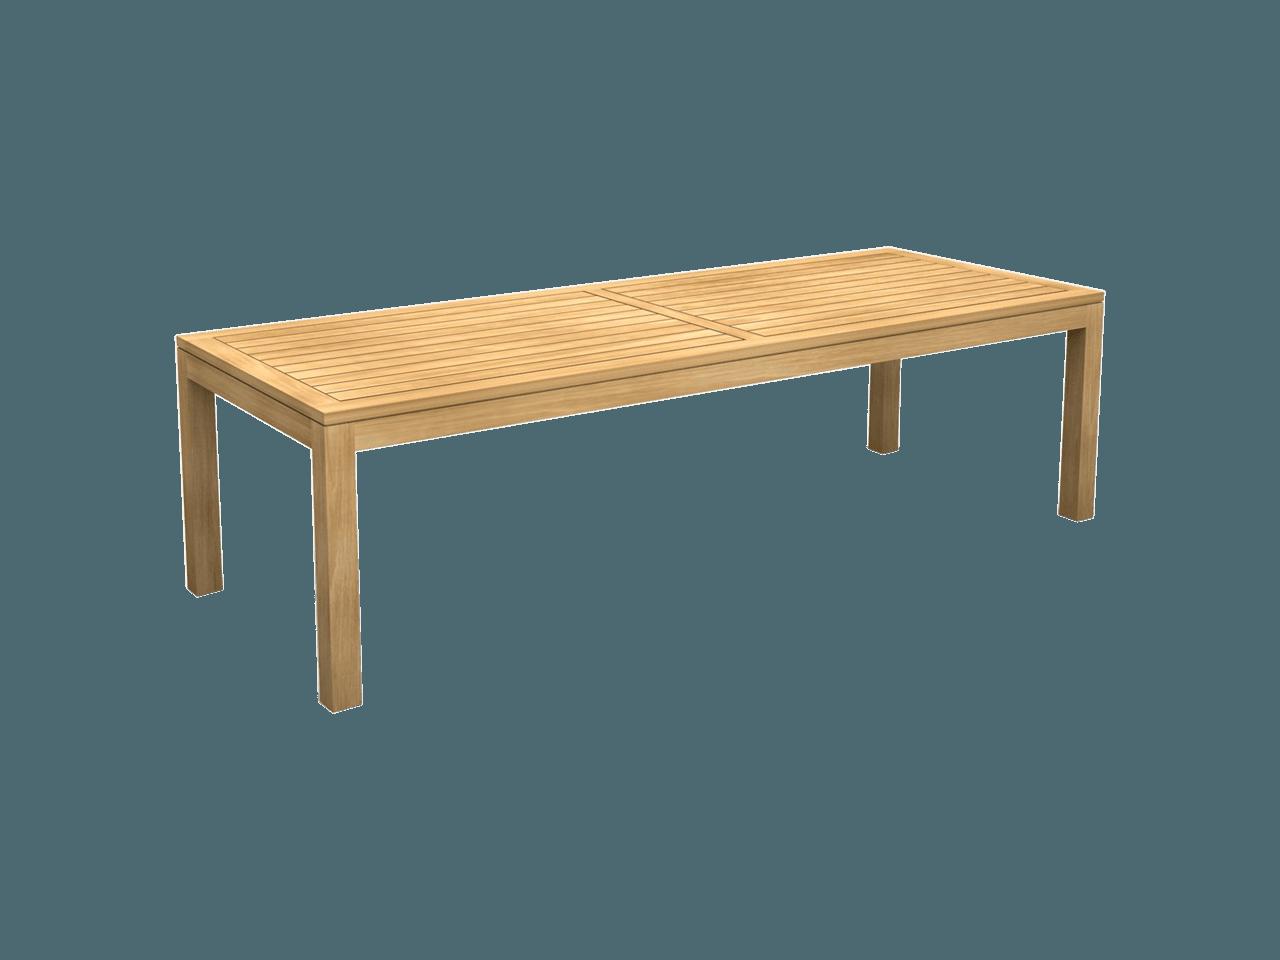 Tuintafel Met Glazen Bovenblad.Tiger Verlengbare Tafel 8 Personen Teak Deco